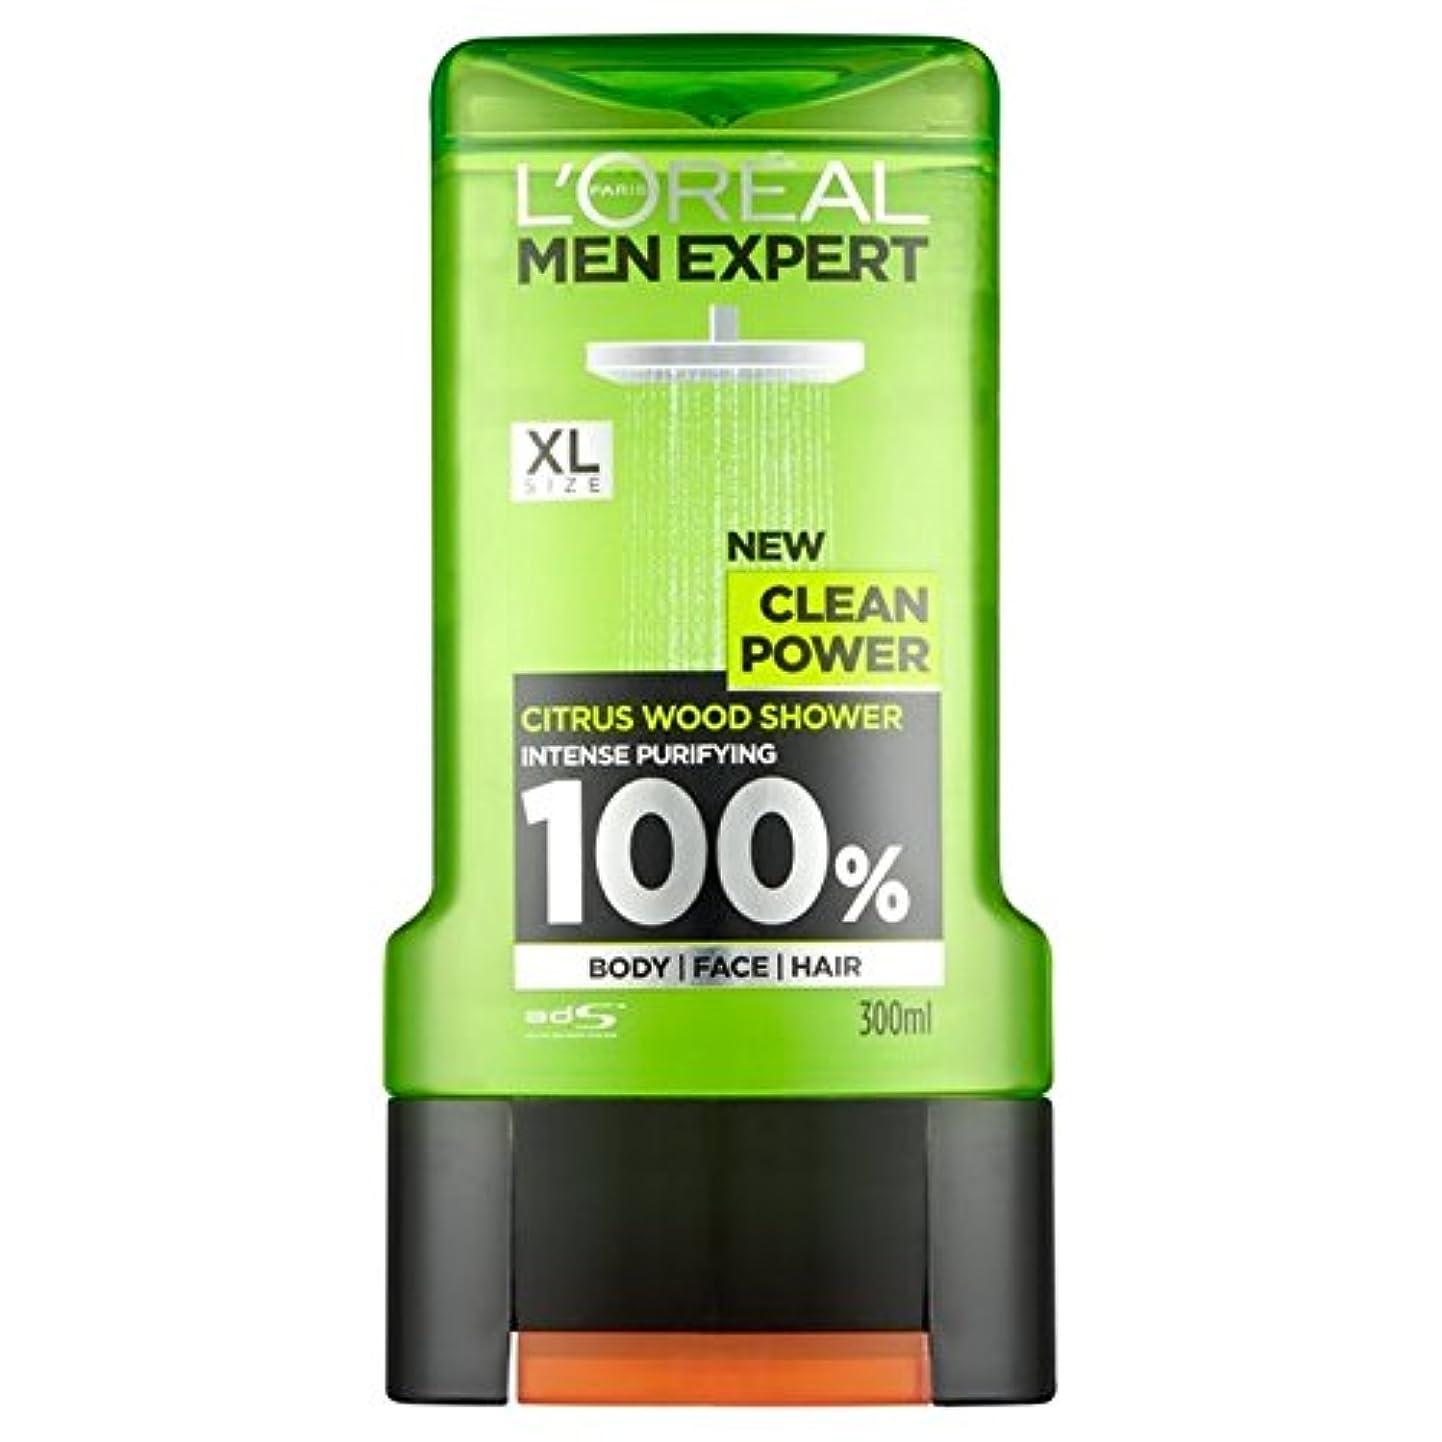 瞳戦艦そこL'Oreal Paris Men Expert Clean Power Shower Gel 300ml - ロレアルパリの男性の専門家クリーンパワーシャワージェル300ミリリットル [並行輸入品]